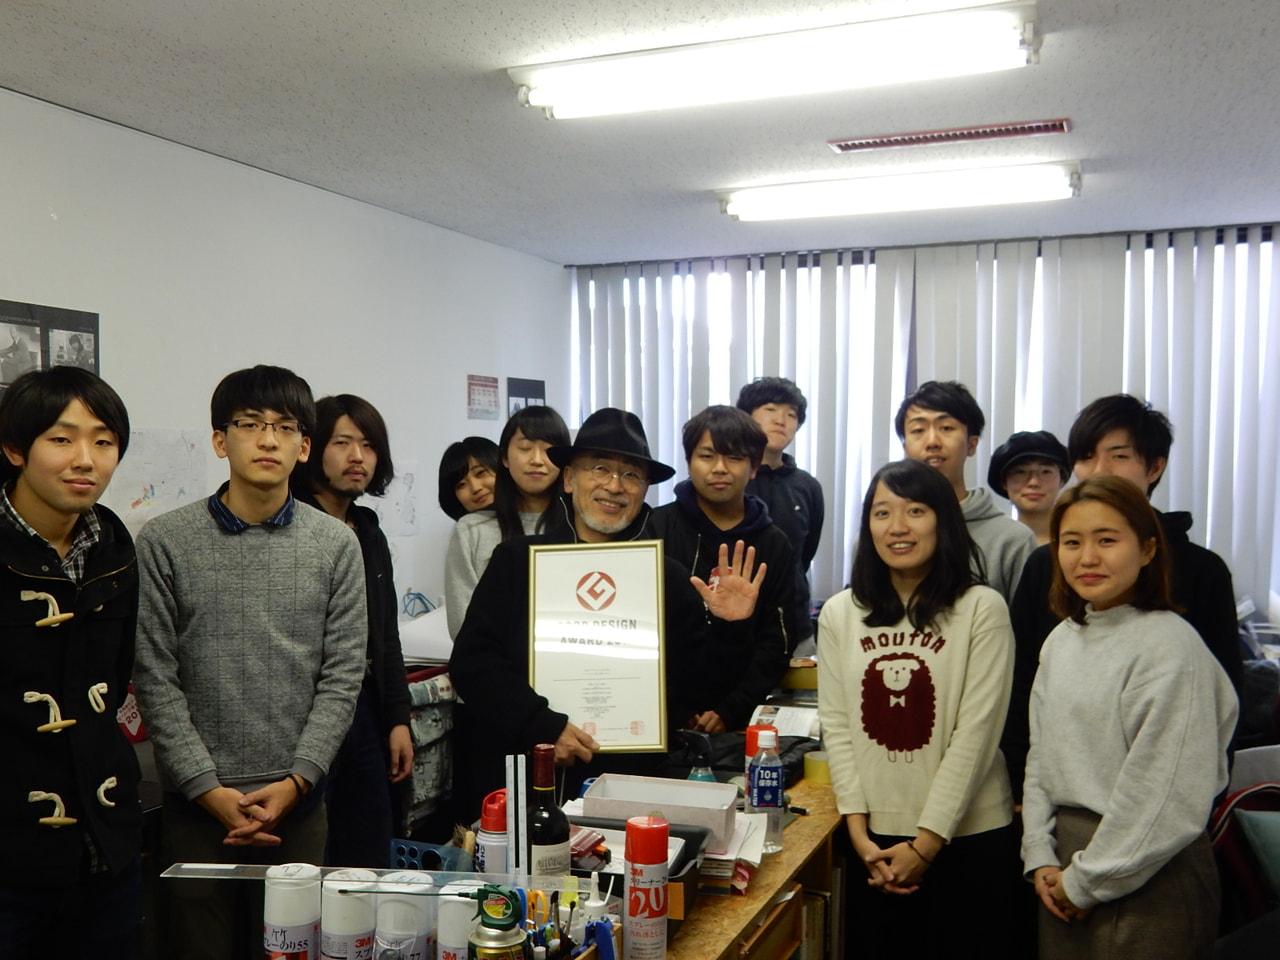 竹原先生が「グッドデザイン賞2017」を受賞されました